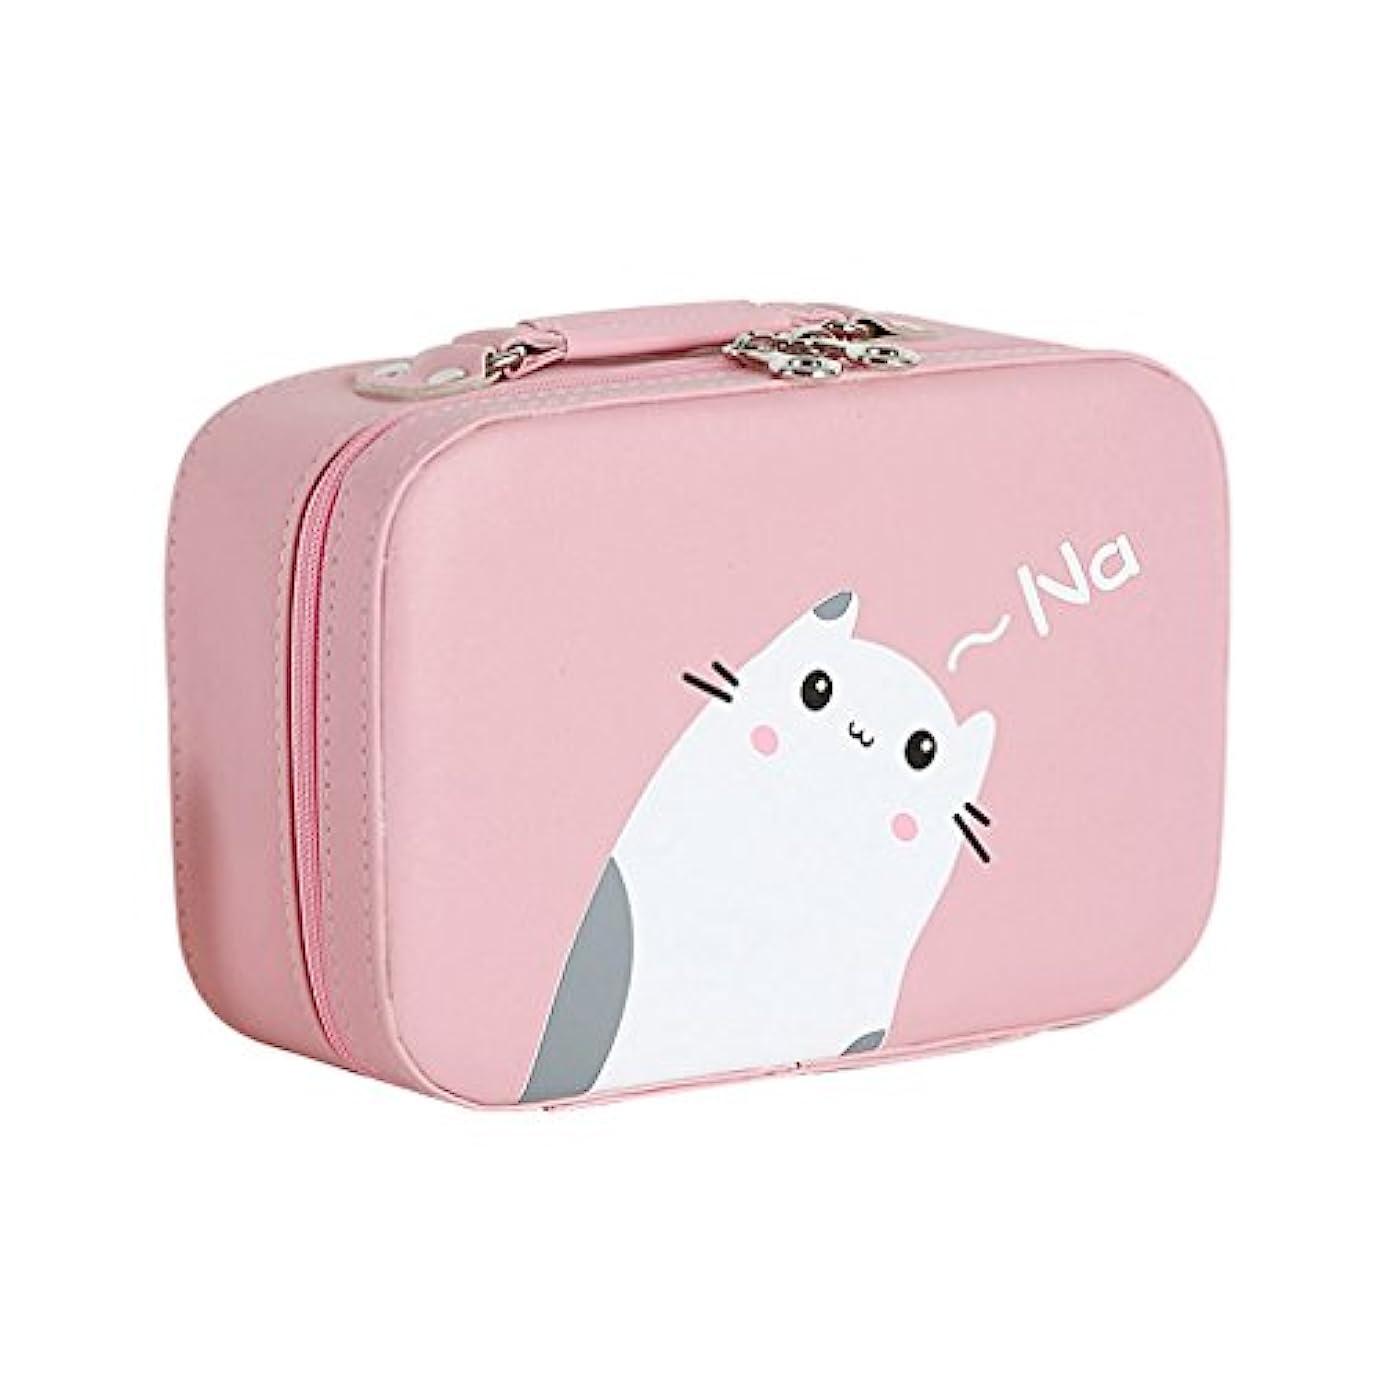 間に合わせ主観的驚いた店舗]化粧ポーチ 大容量 機能的 猫柄 11選択 メイクポーチ 化粧ボックス バニティーケース 仕切り 鏡付き ブラシ収納 取っ手付き ダブルジップ 撥水加工 かわいい おしゃれ 軽量 女性